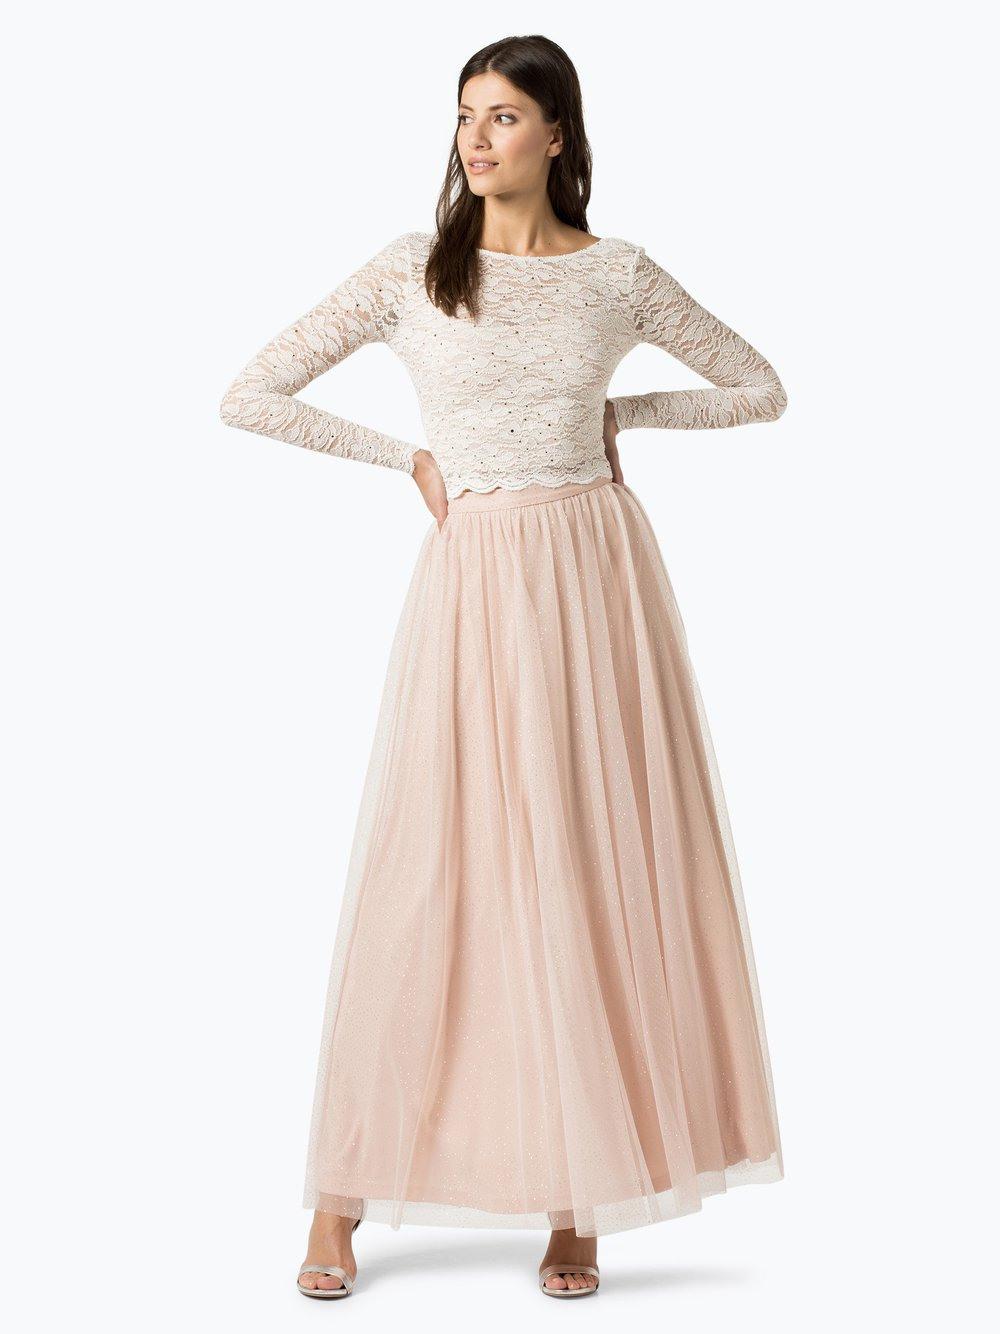 Formal Wunderbar Marie Lund Damen Abendkleid Vertrieb10 Cool Marie Lund Damen Abendkleid Spezialgebiet